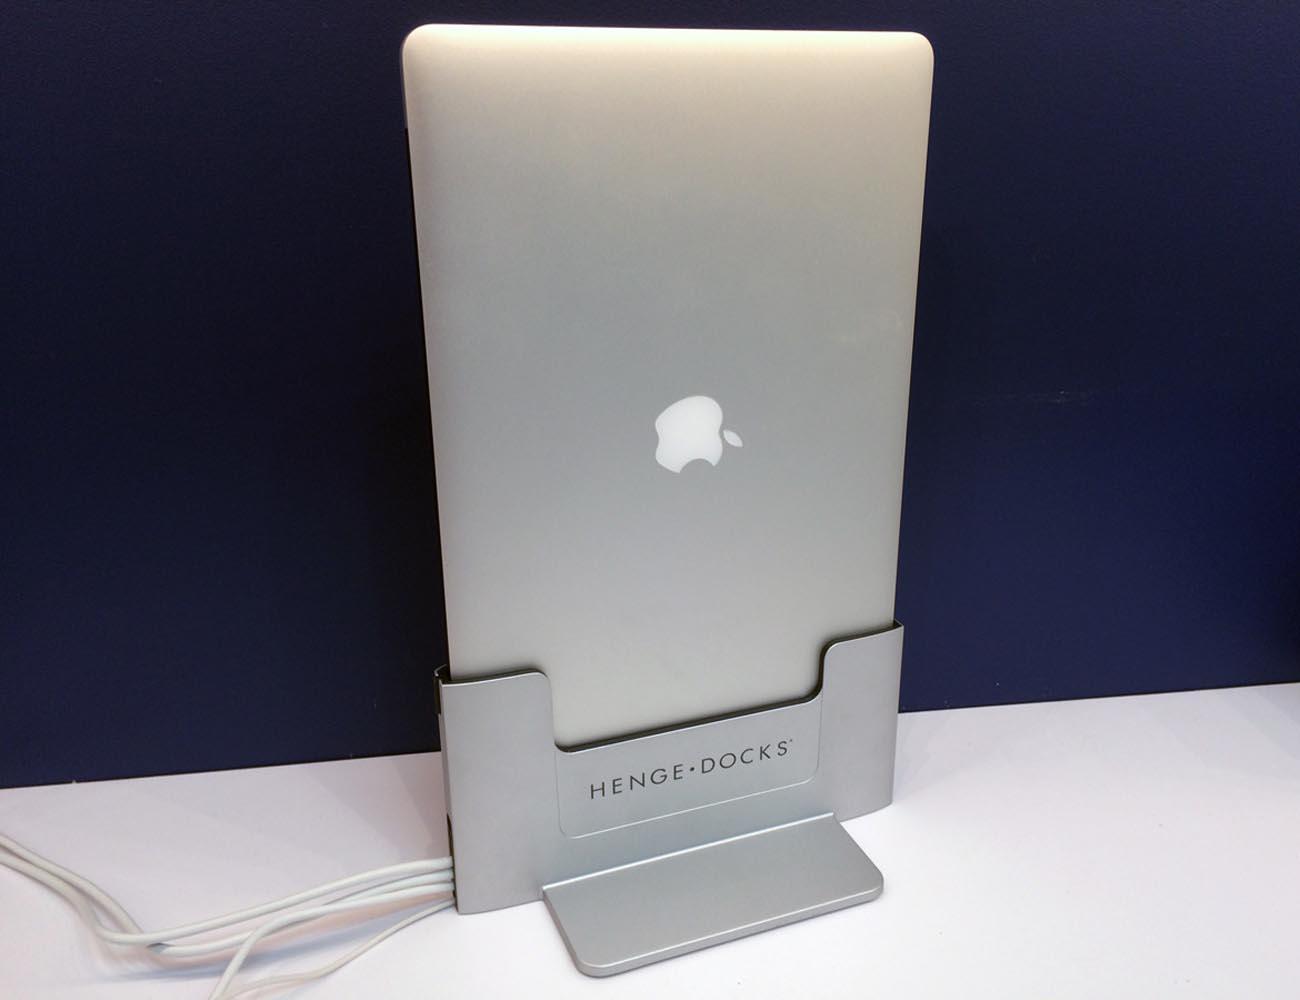 Vertical Dock for Macbook Pro Retina By Henge Docks